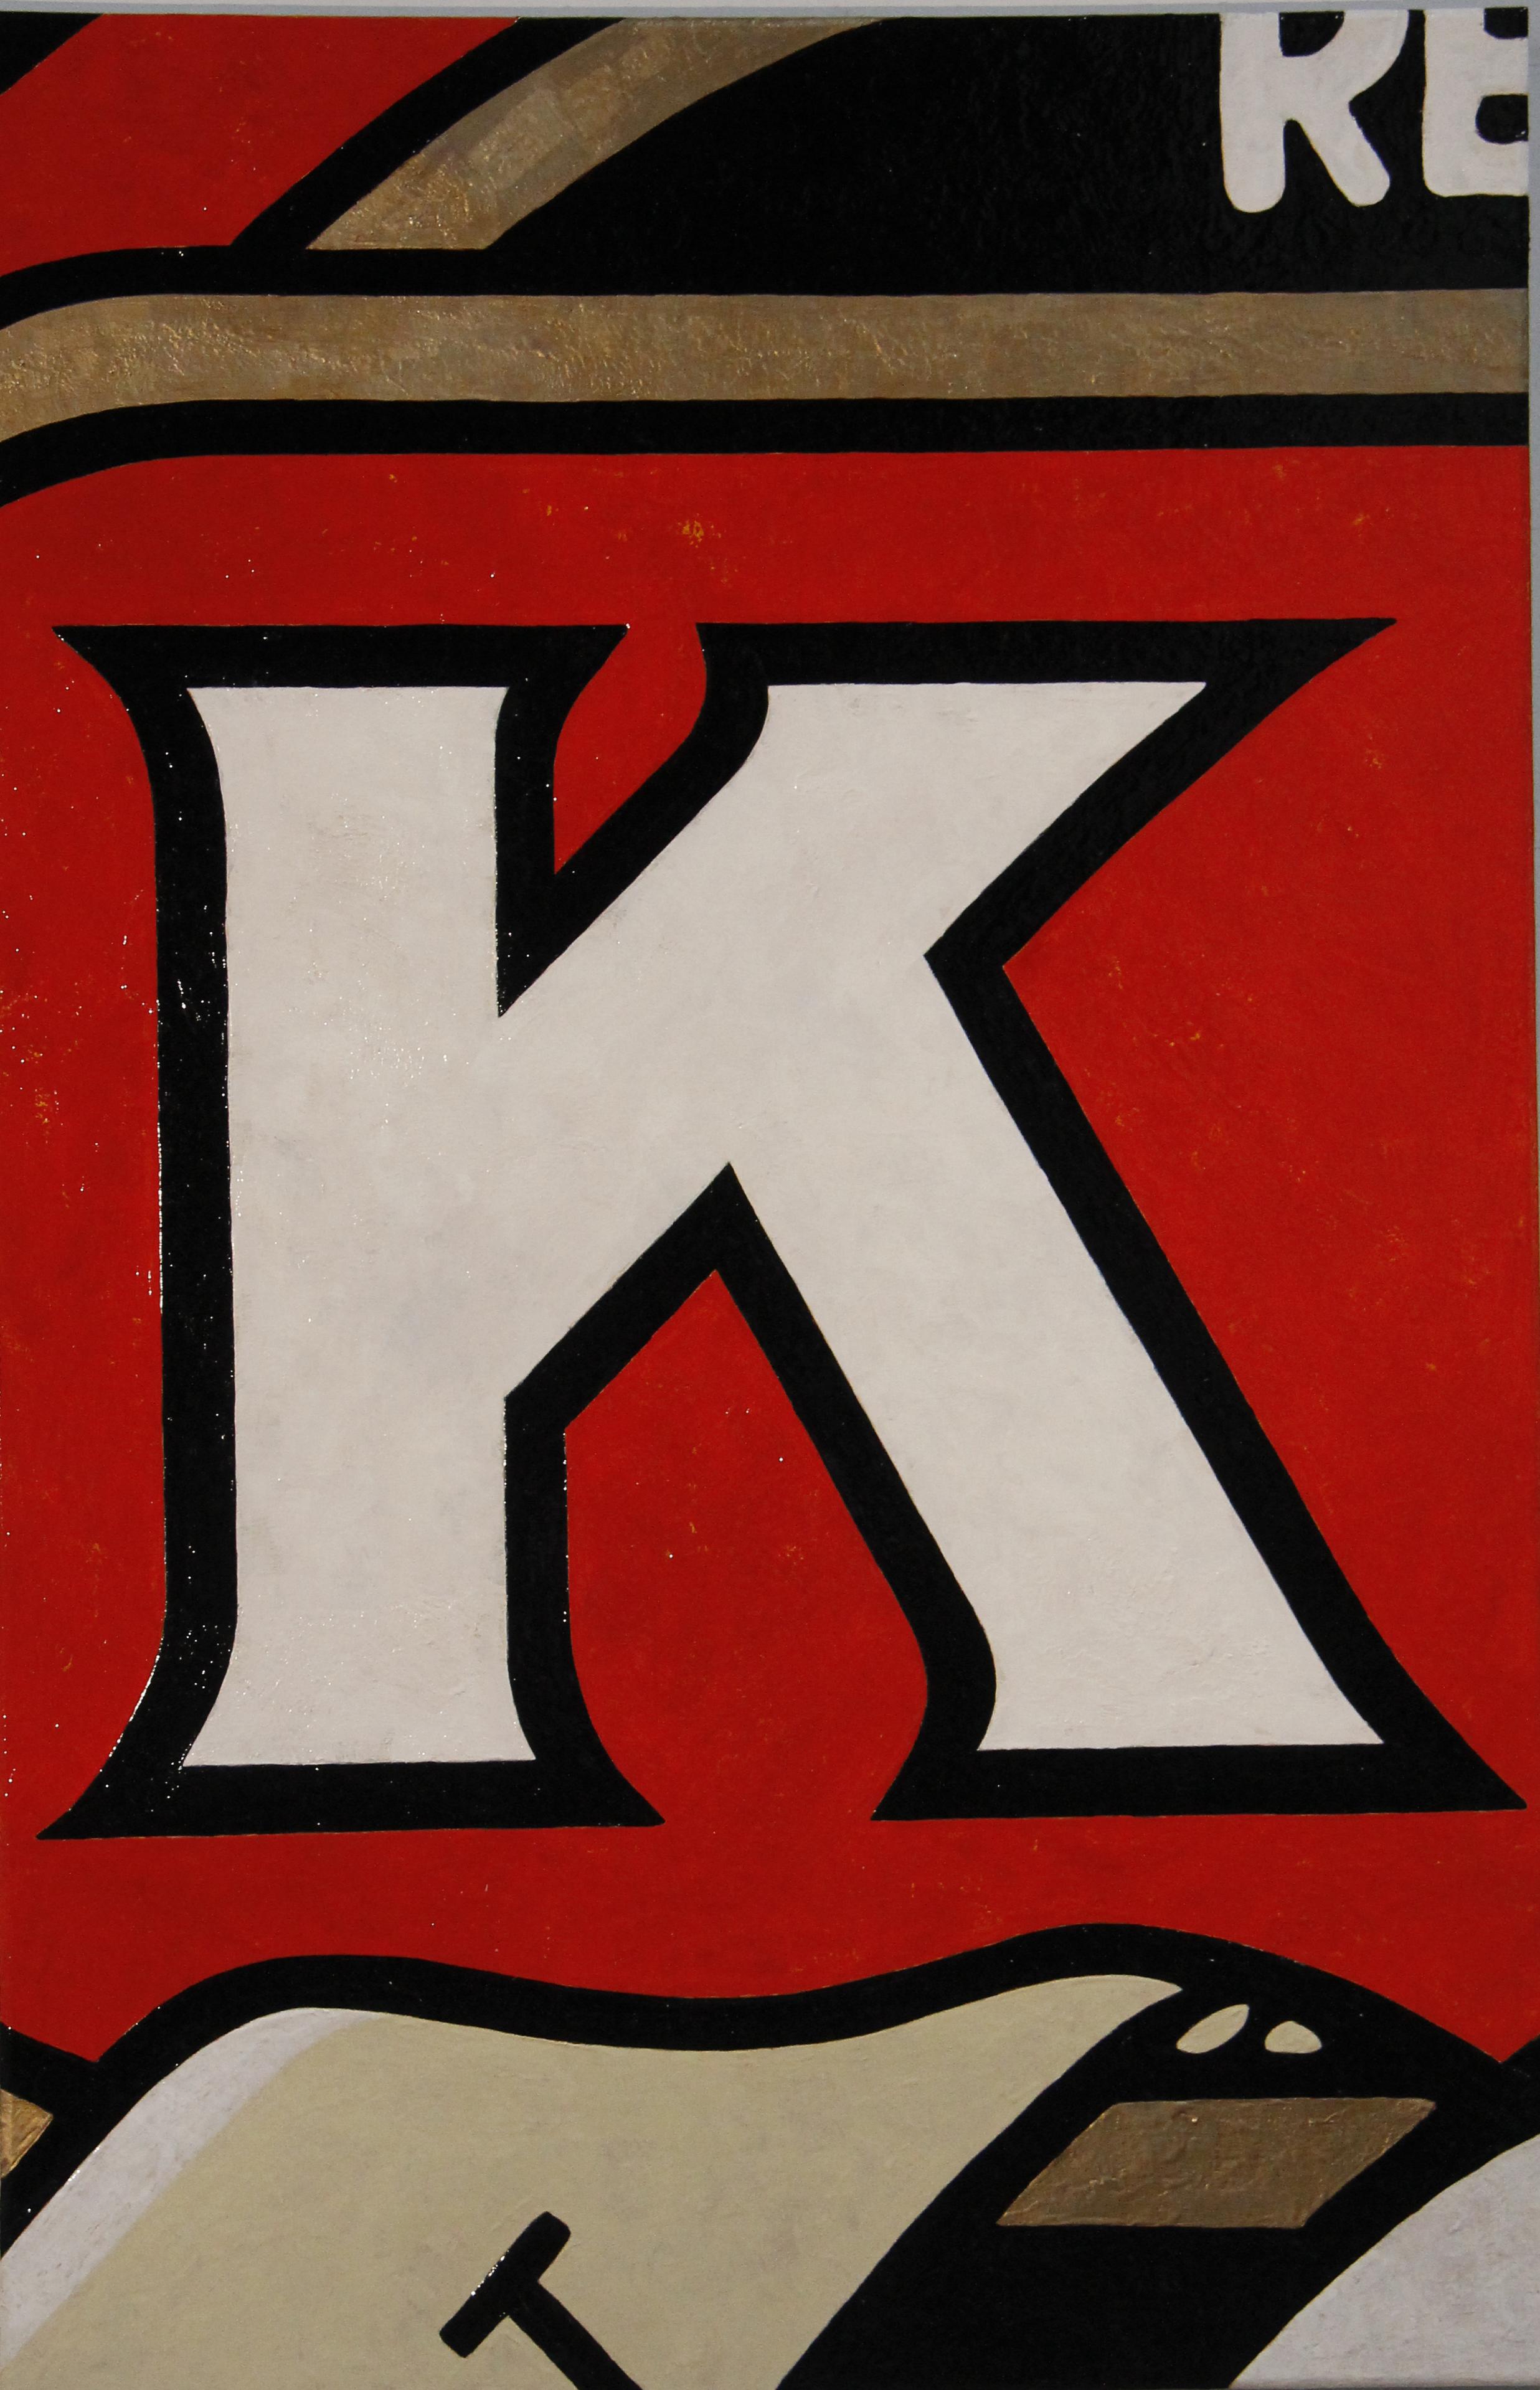 kiwiK.jpg